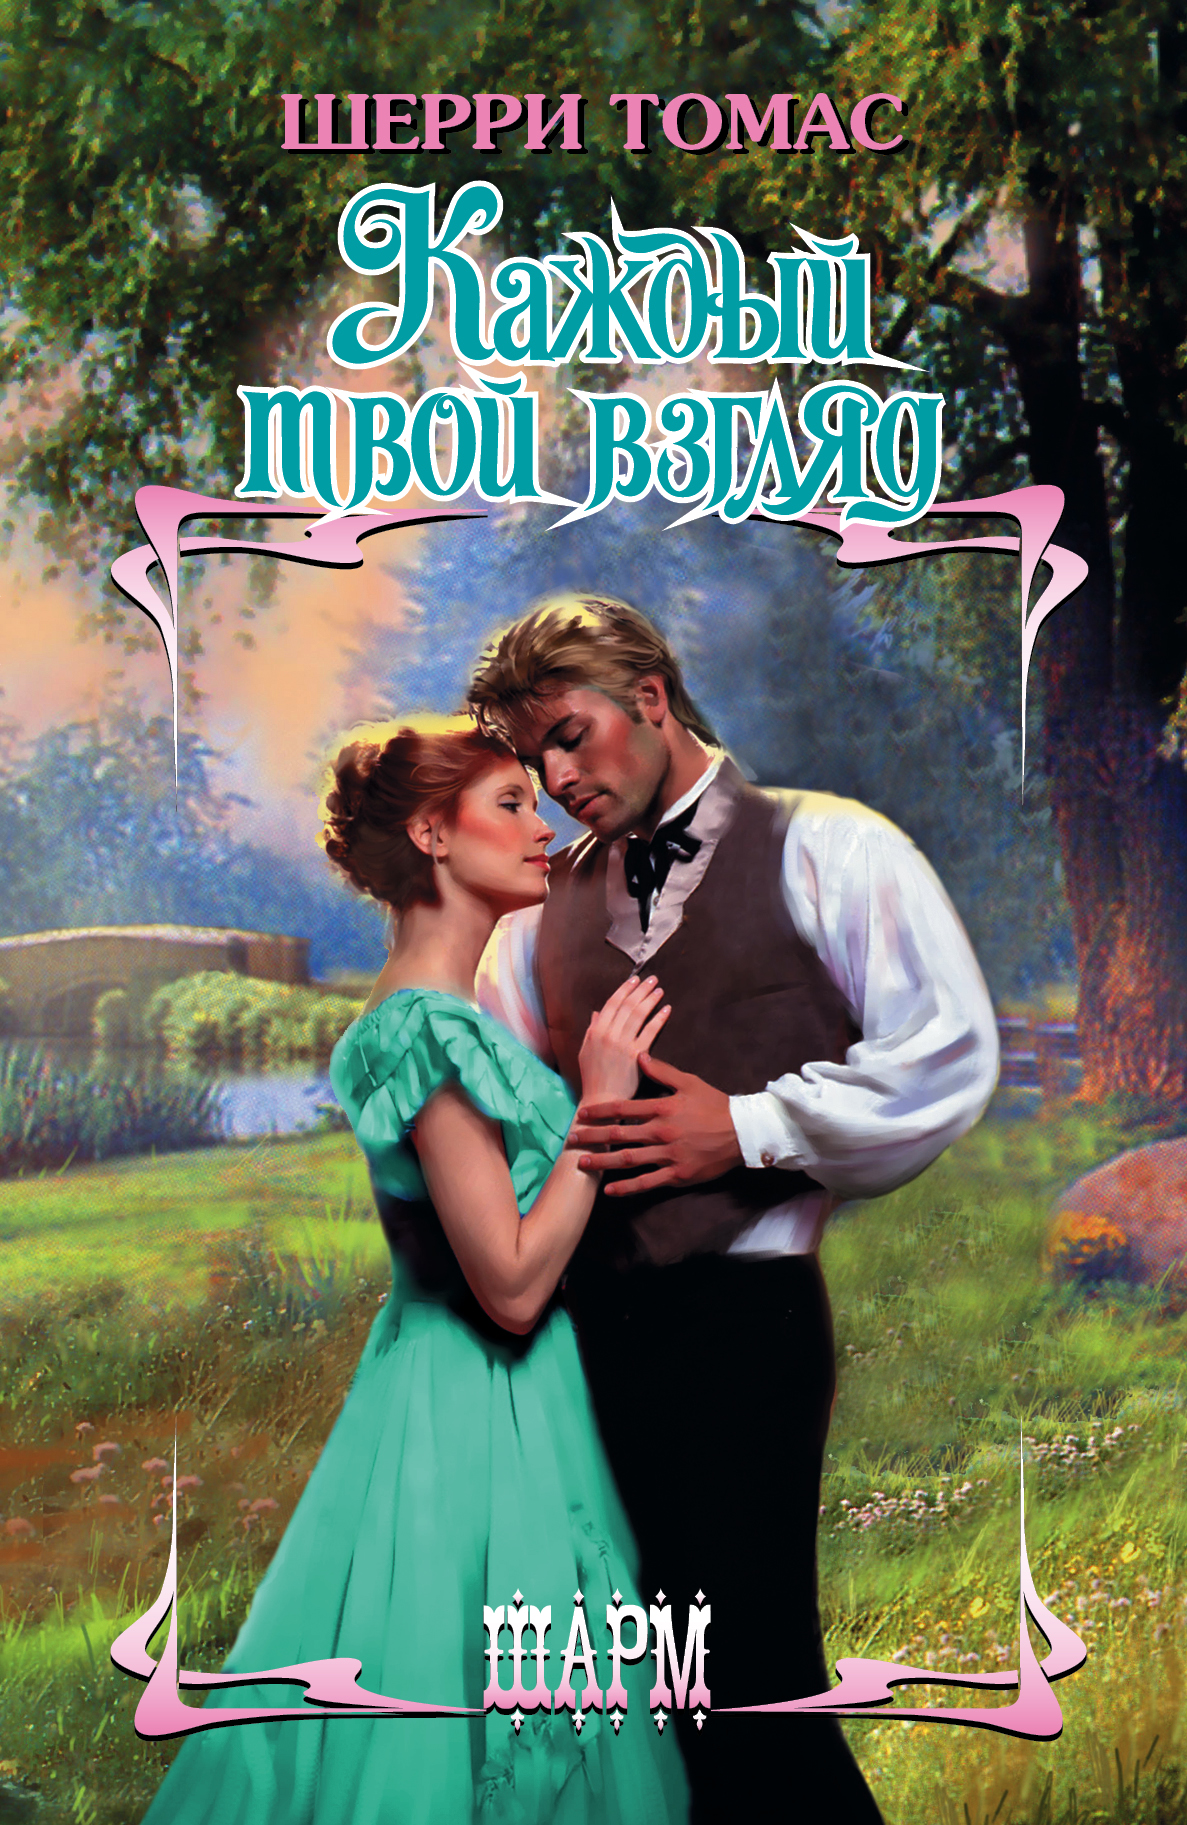 Каждый твой взгляд от book24.ru